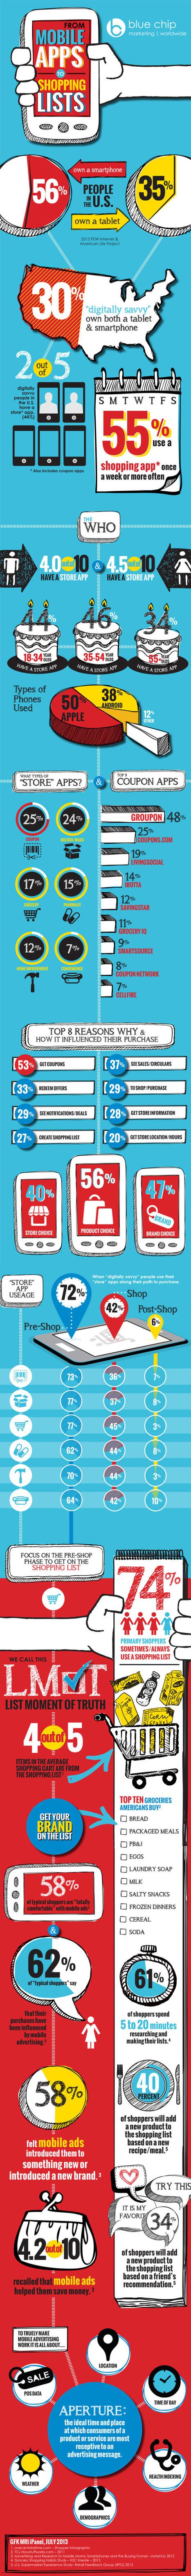 Infographic: Holiday Guide to Mobile Marketing - Marketing Technology Blog | Fidélisation, fidélité et réseaux sociaux | Scoop.it